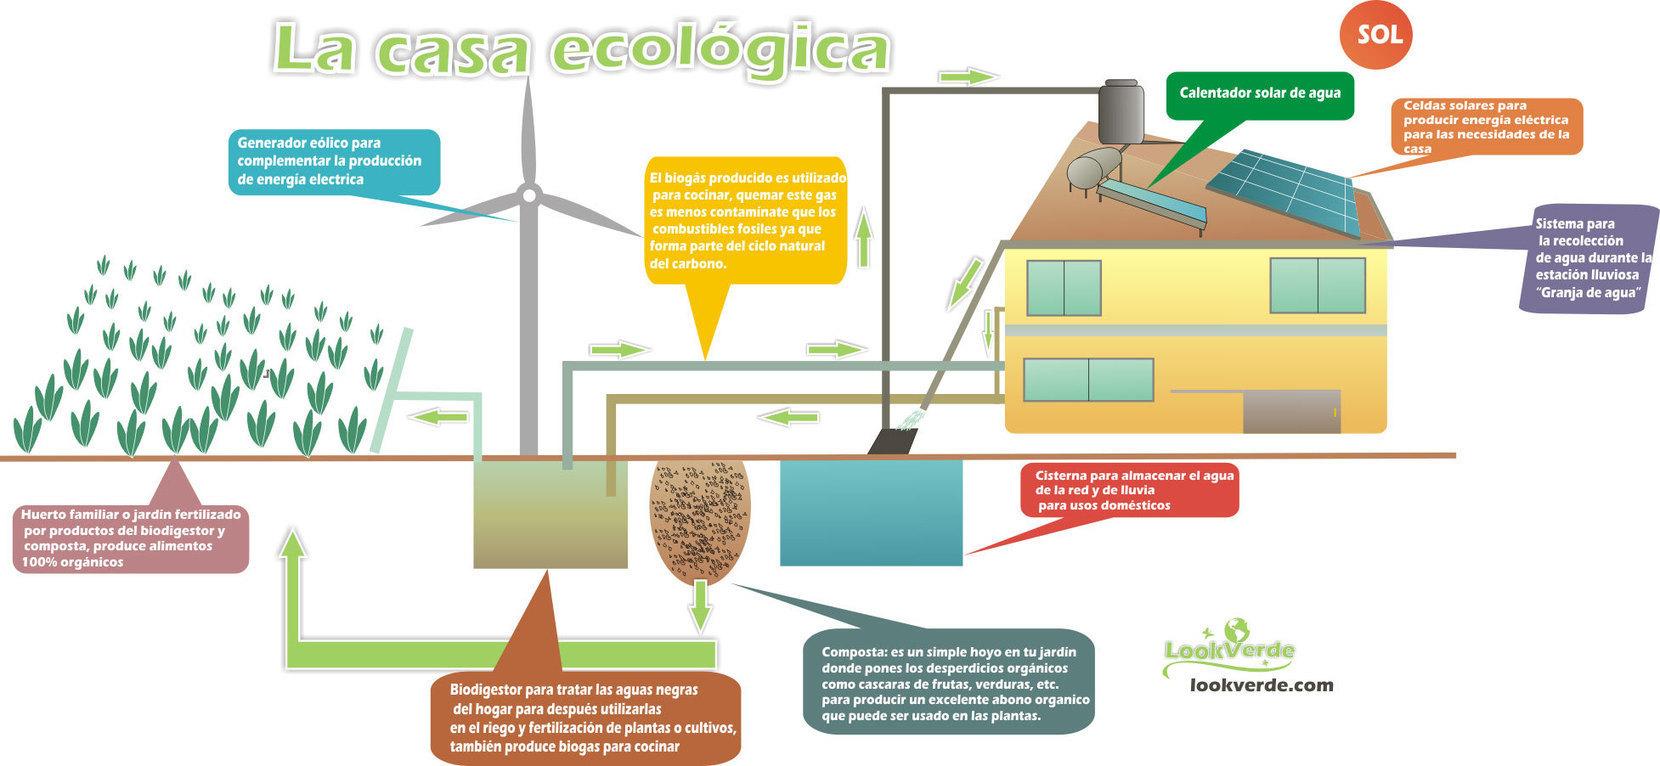 Casa ecologica en  BiblioCAD  Casa ecologica